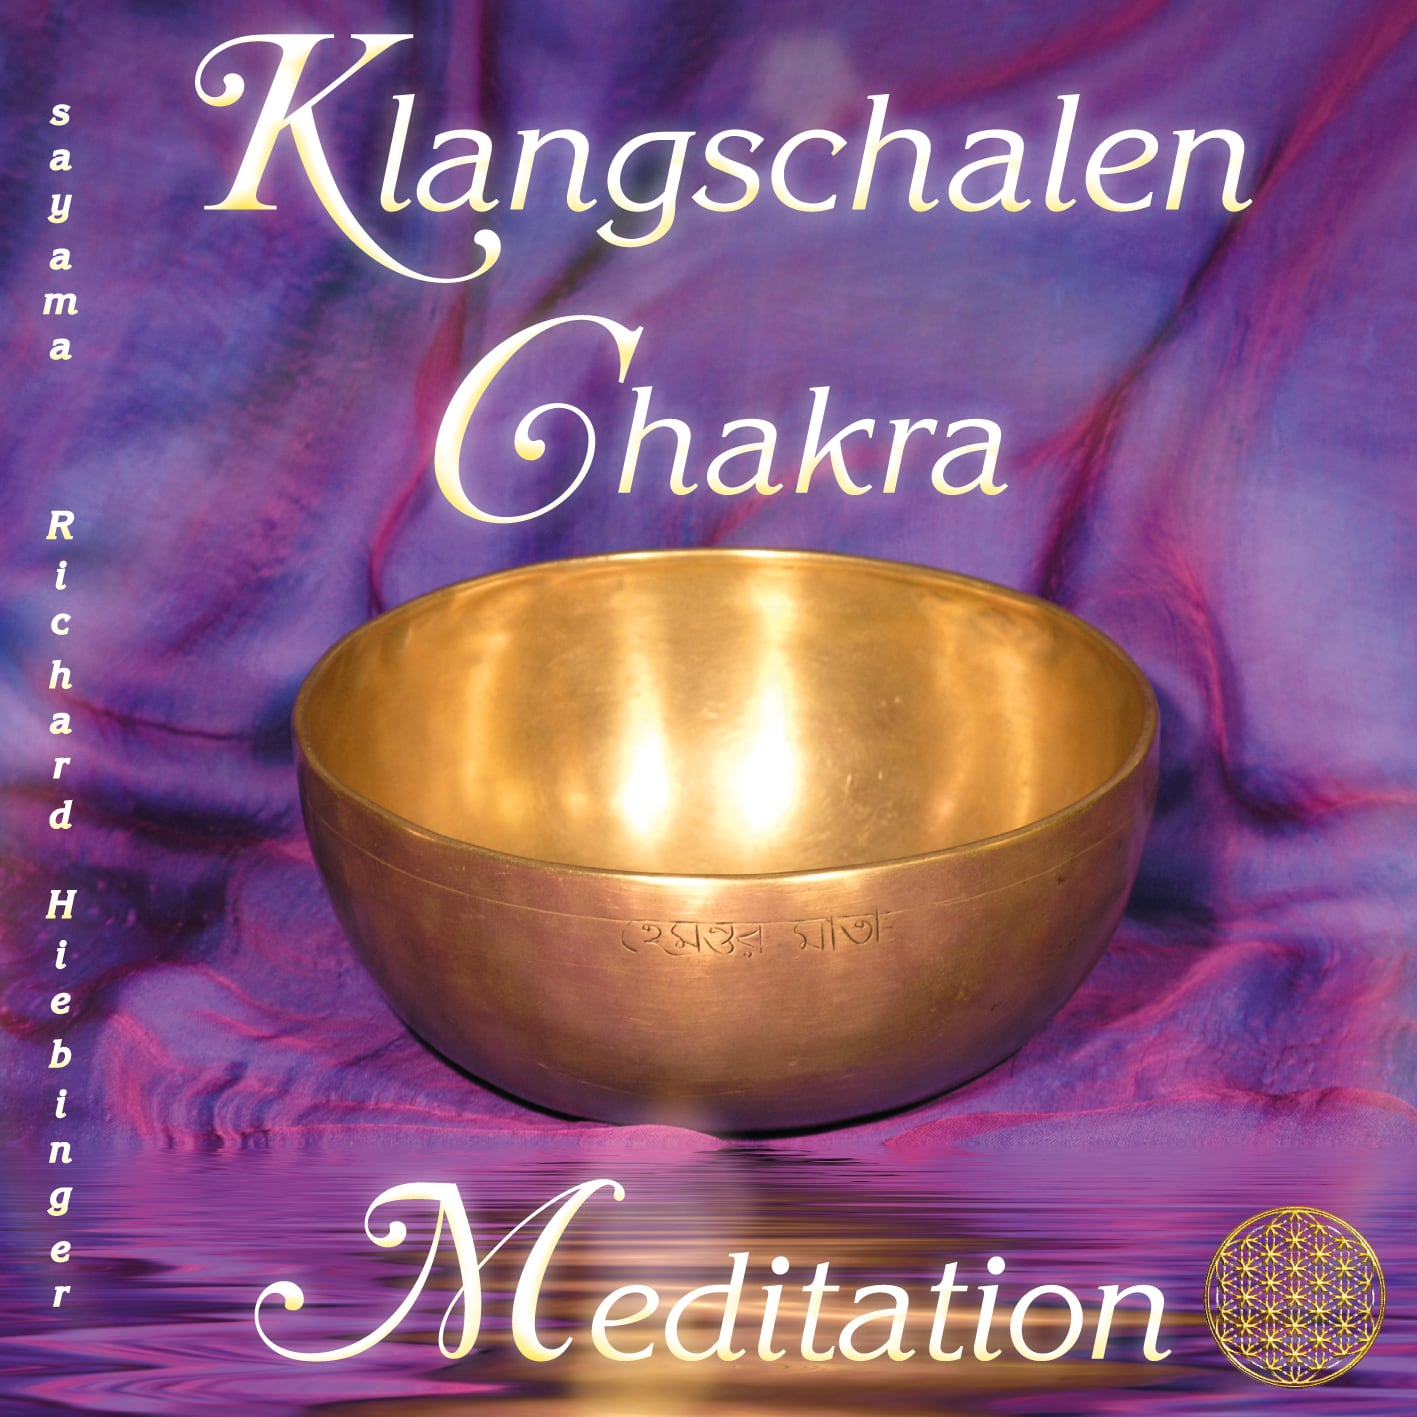 Das Titelbild der CD Klangschalen Chakra Meditation von Sayama Music Richard Hiebinger. Eine große goldene Klangschale vor einem Hintergrund aus violetter Seite